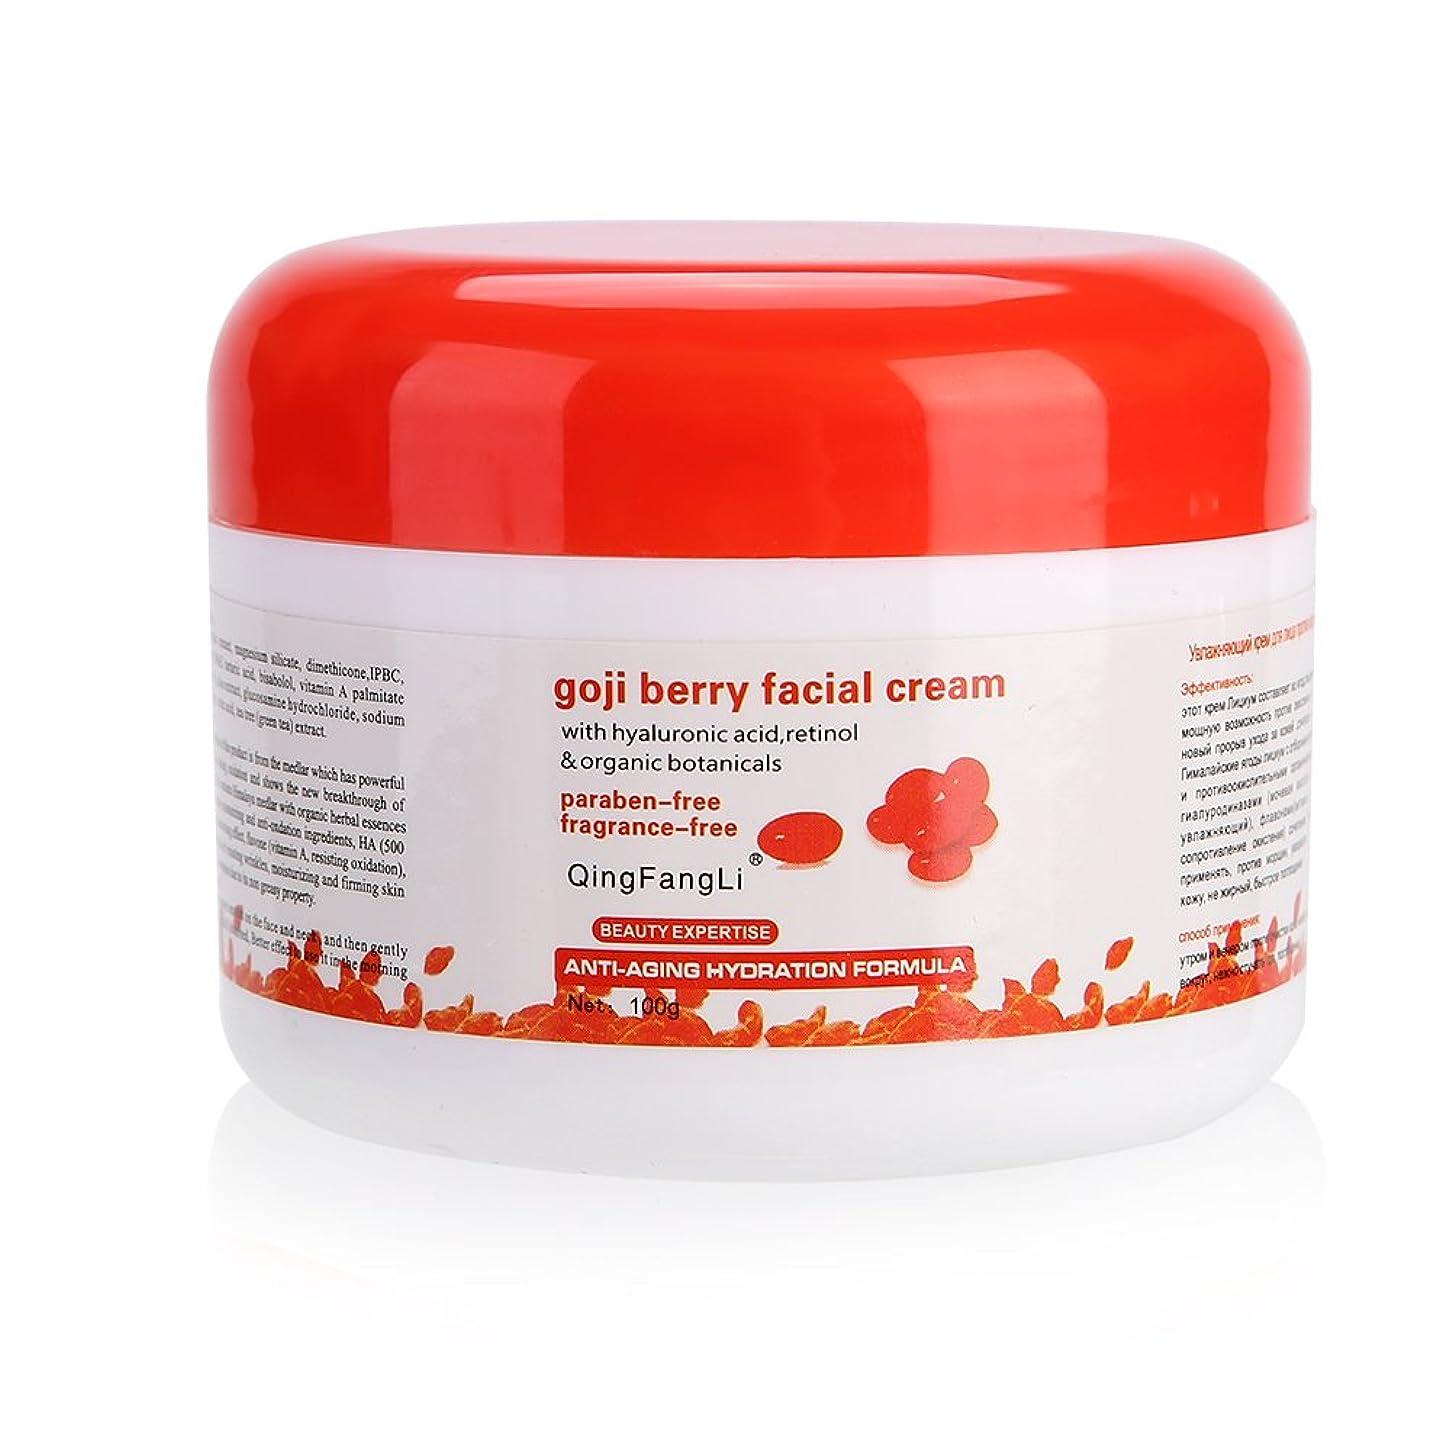 繊細に沿ってのためTranditional Goji Berryホワイトニングモイスチャライゼーション活性化抗酸化デイ/ナイトクリーム